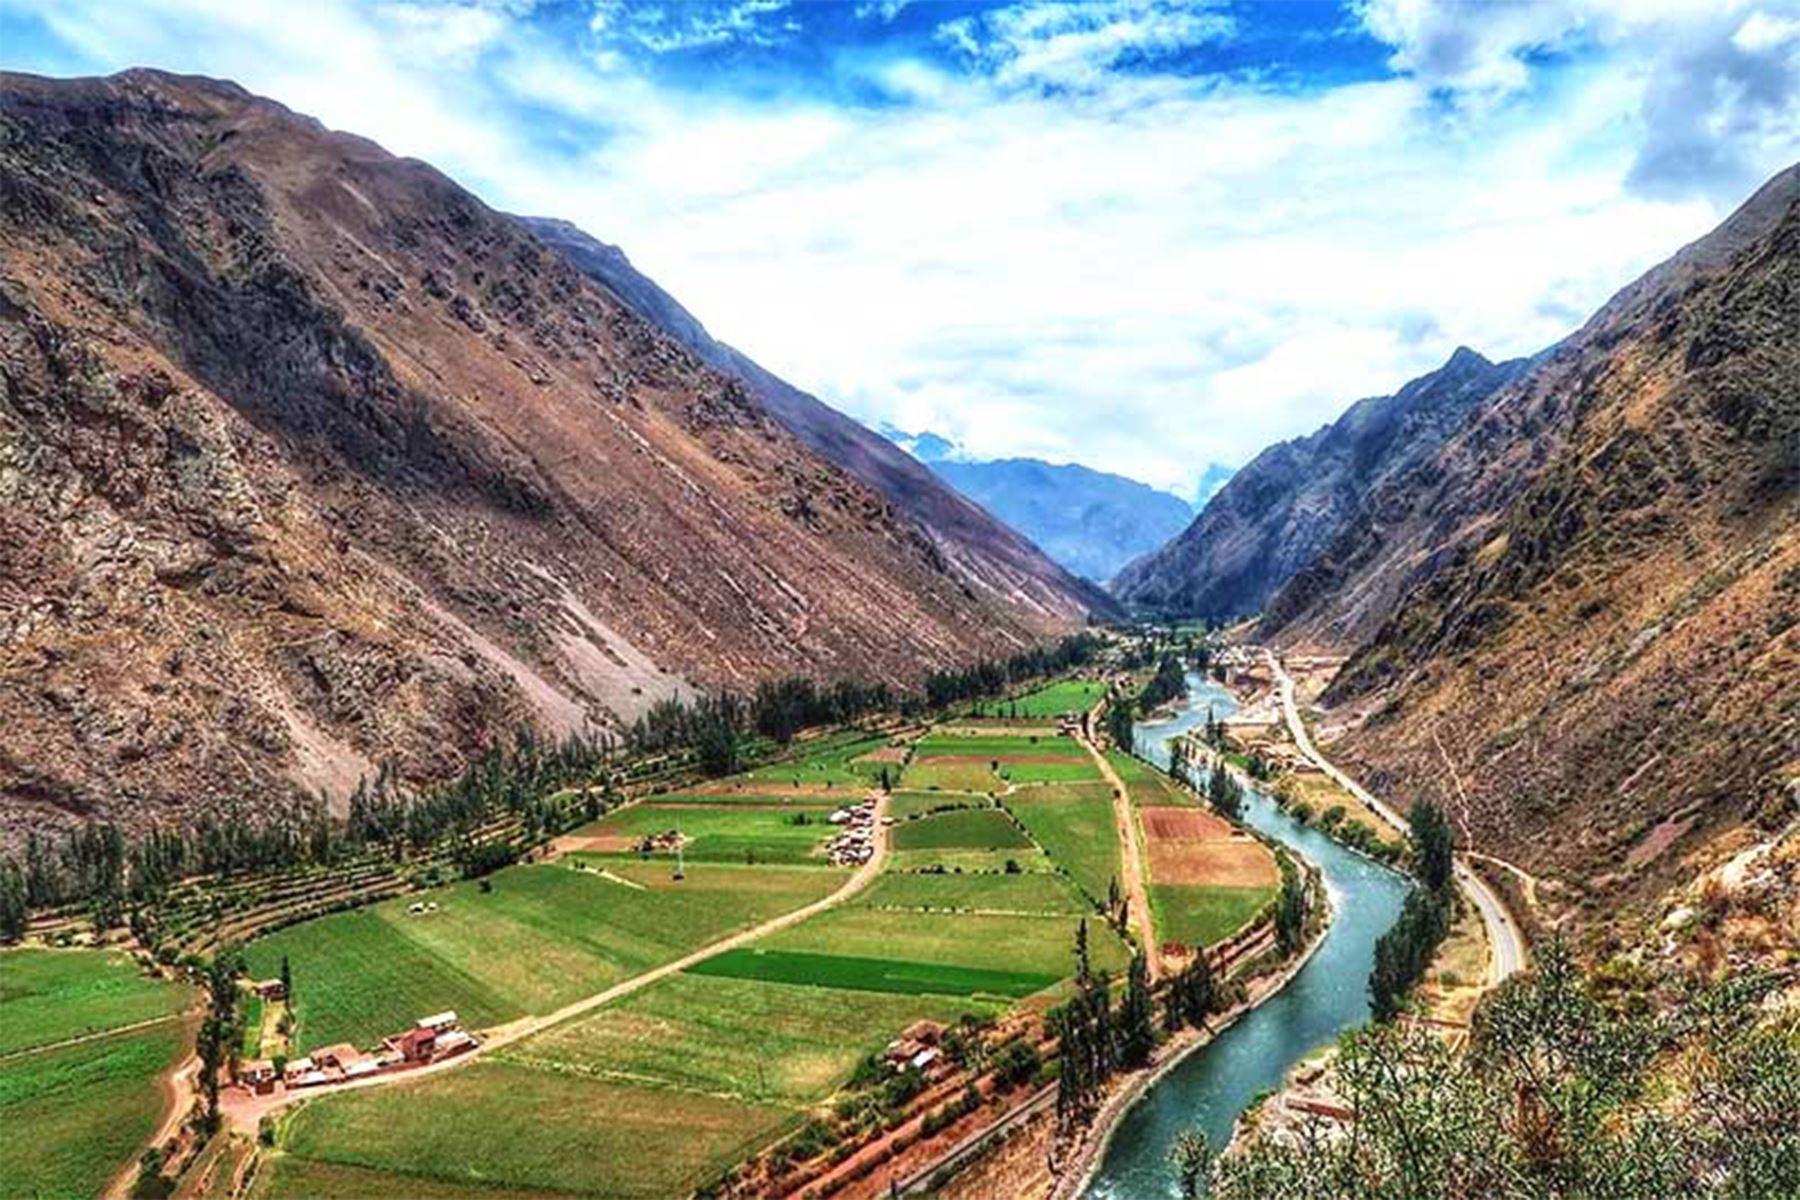 El Qhapaq Ñan o Camino Inca, en la región Cusco, invita a una travesía única que permite apreciar, durante cuatro días, la sobrecogedora belleza del Valle Sagrado con sus montañas nevadas. Foto: ANDINA/ Difusión